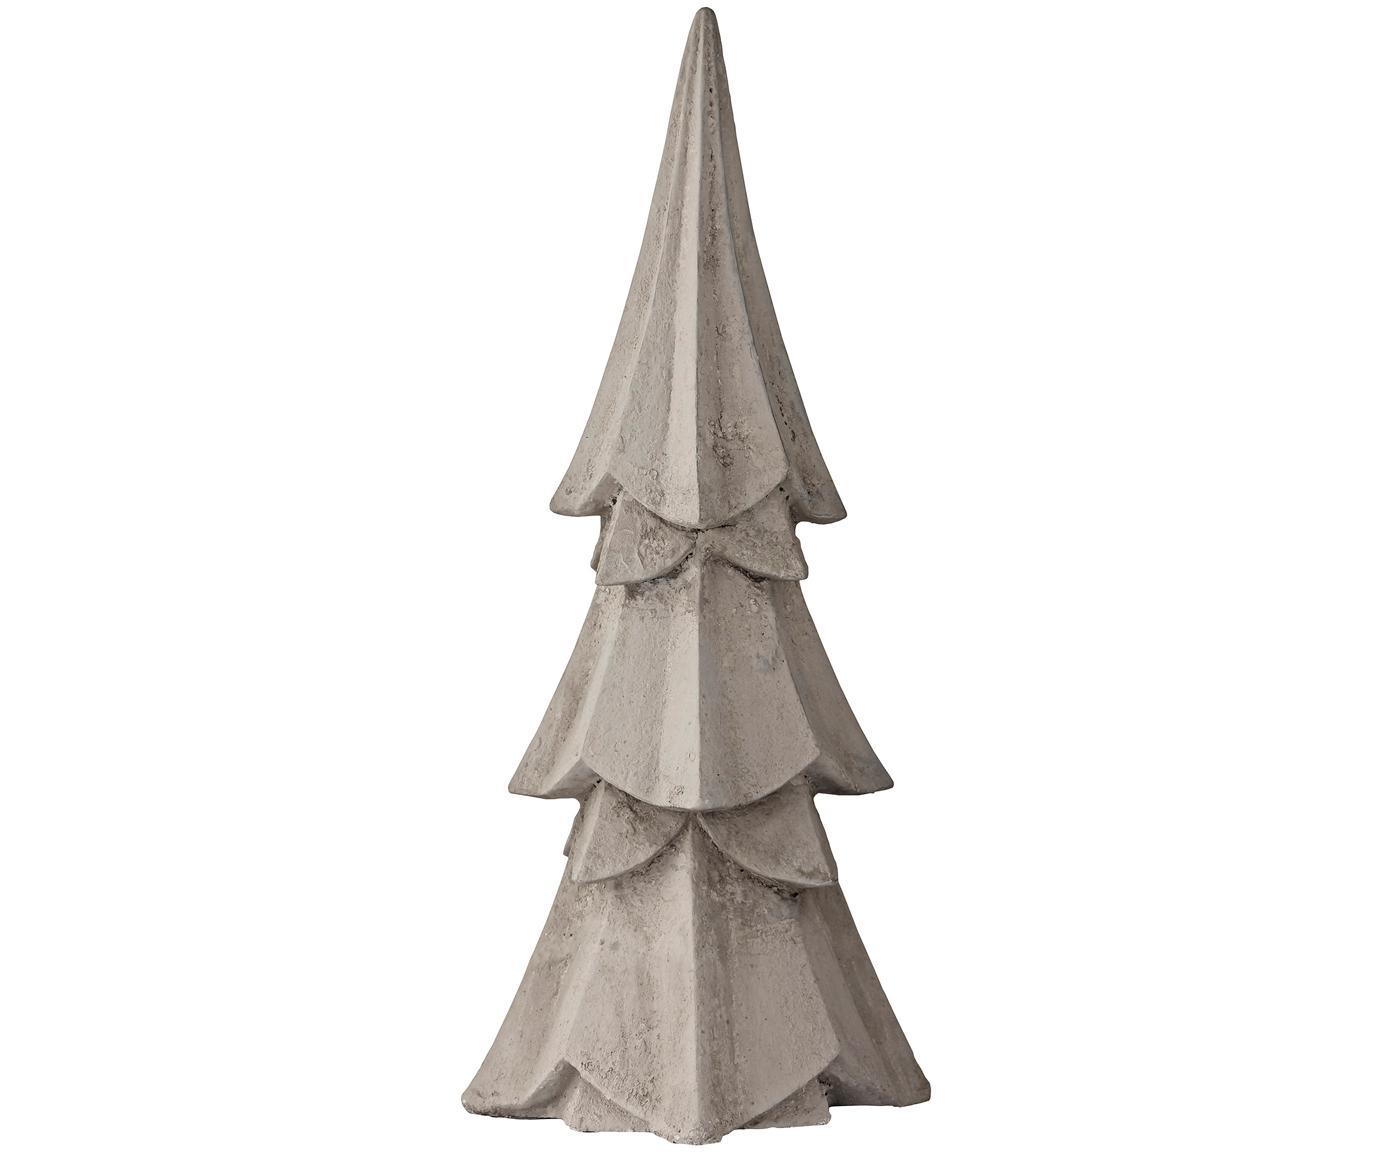 Deko-Objekt Serafina Christmas Tree, Polyresin, Hellgrau, Ø 10 x H 23 cm